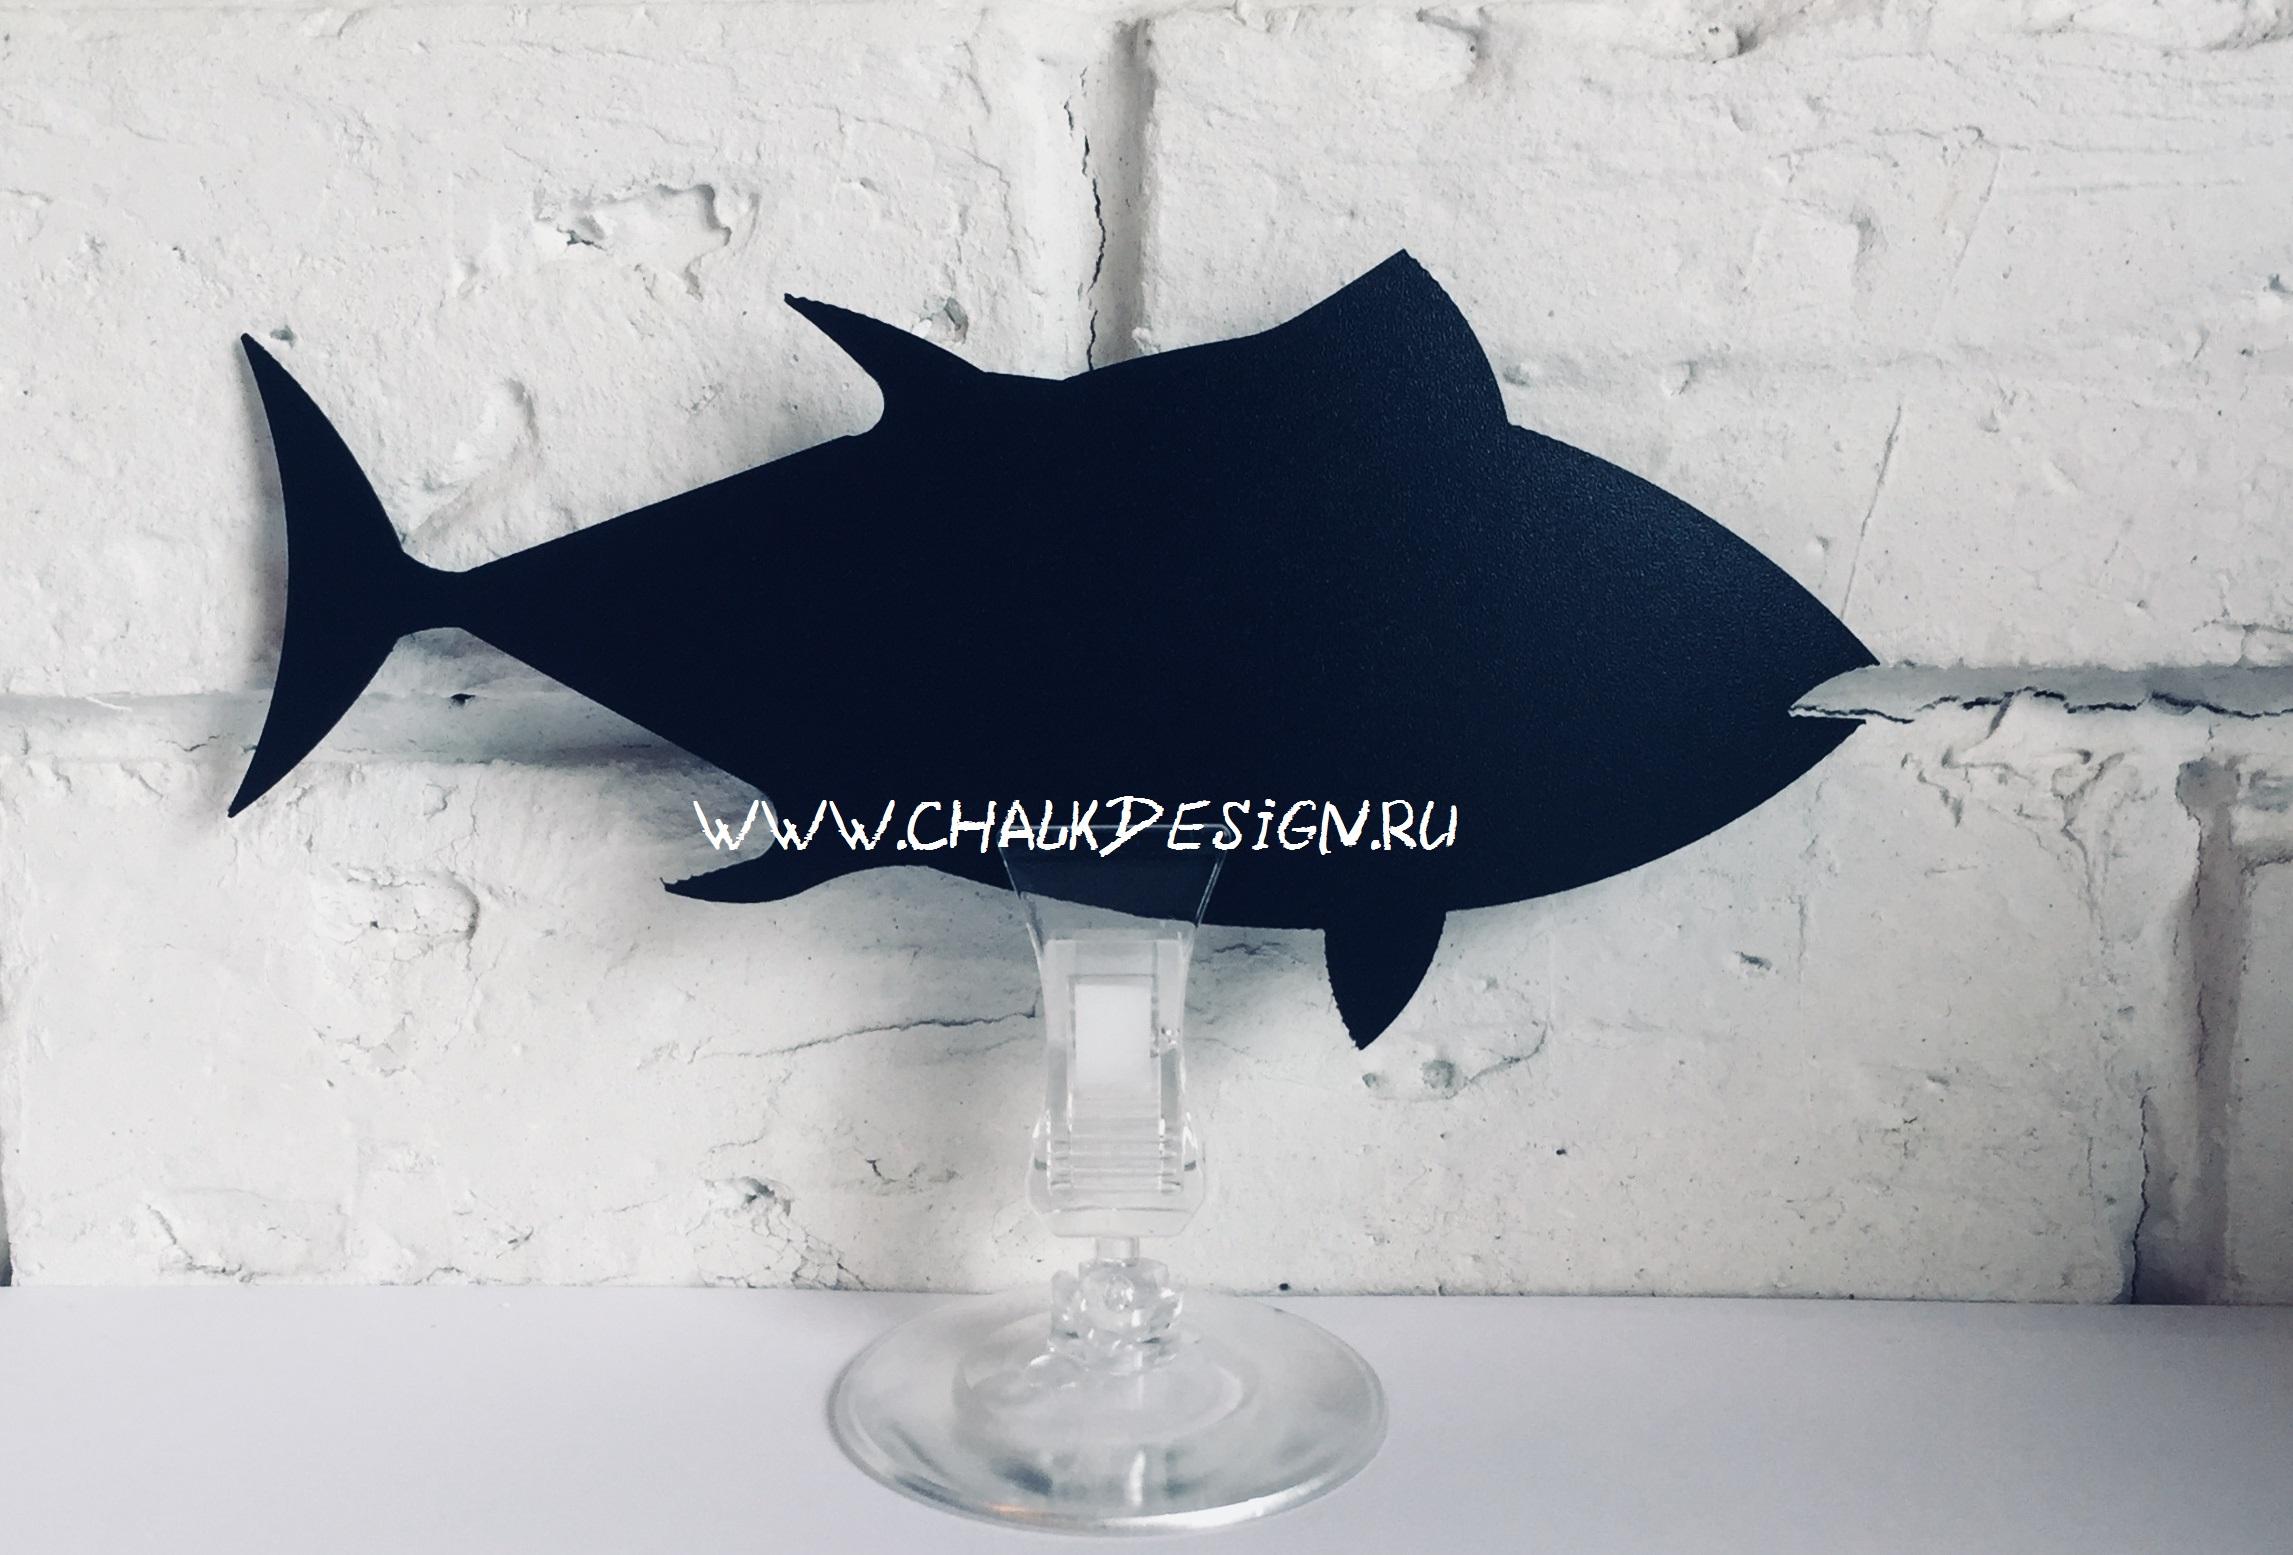 Меловой ценник Рыба.jpg